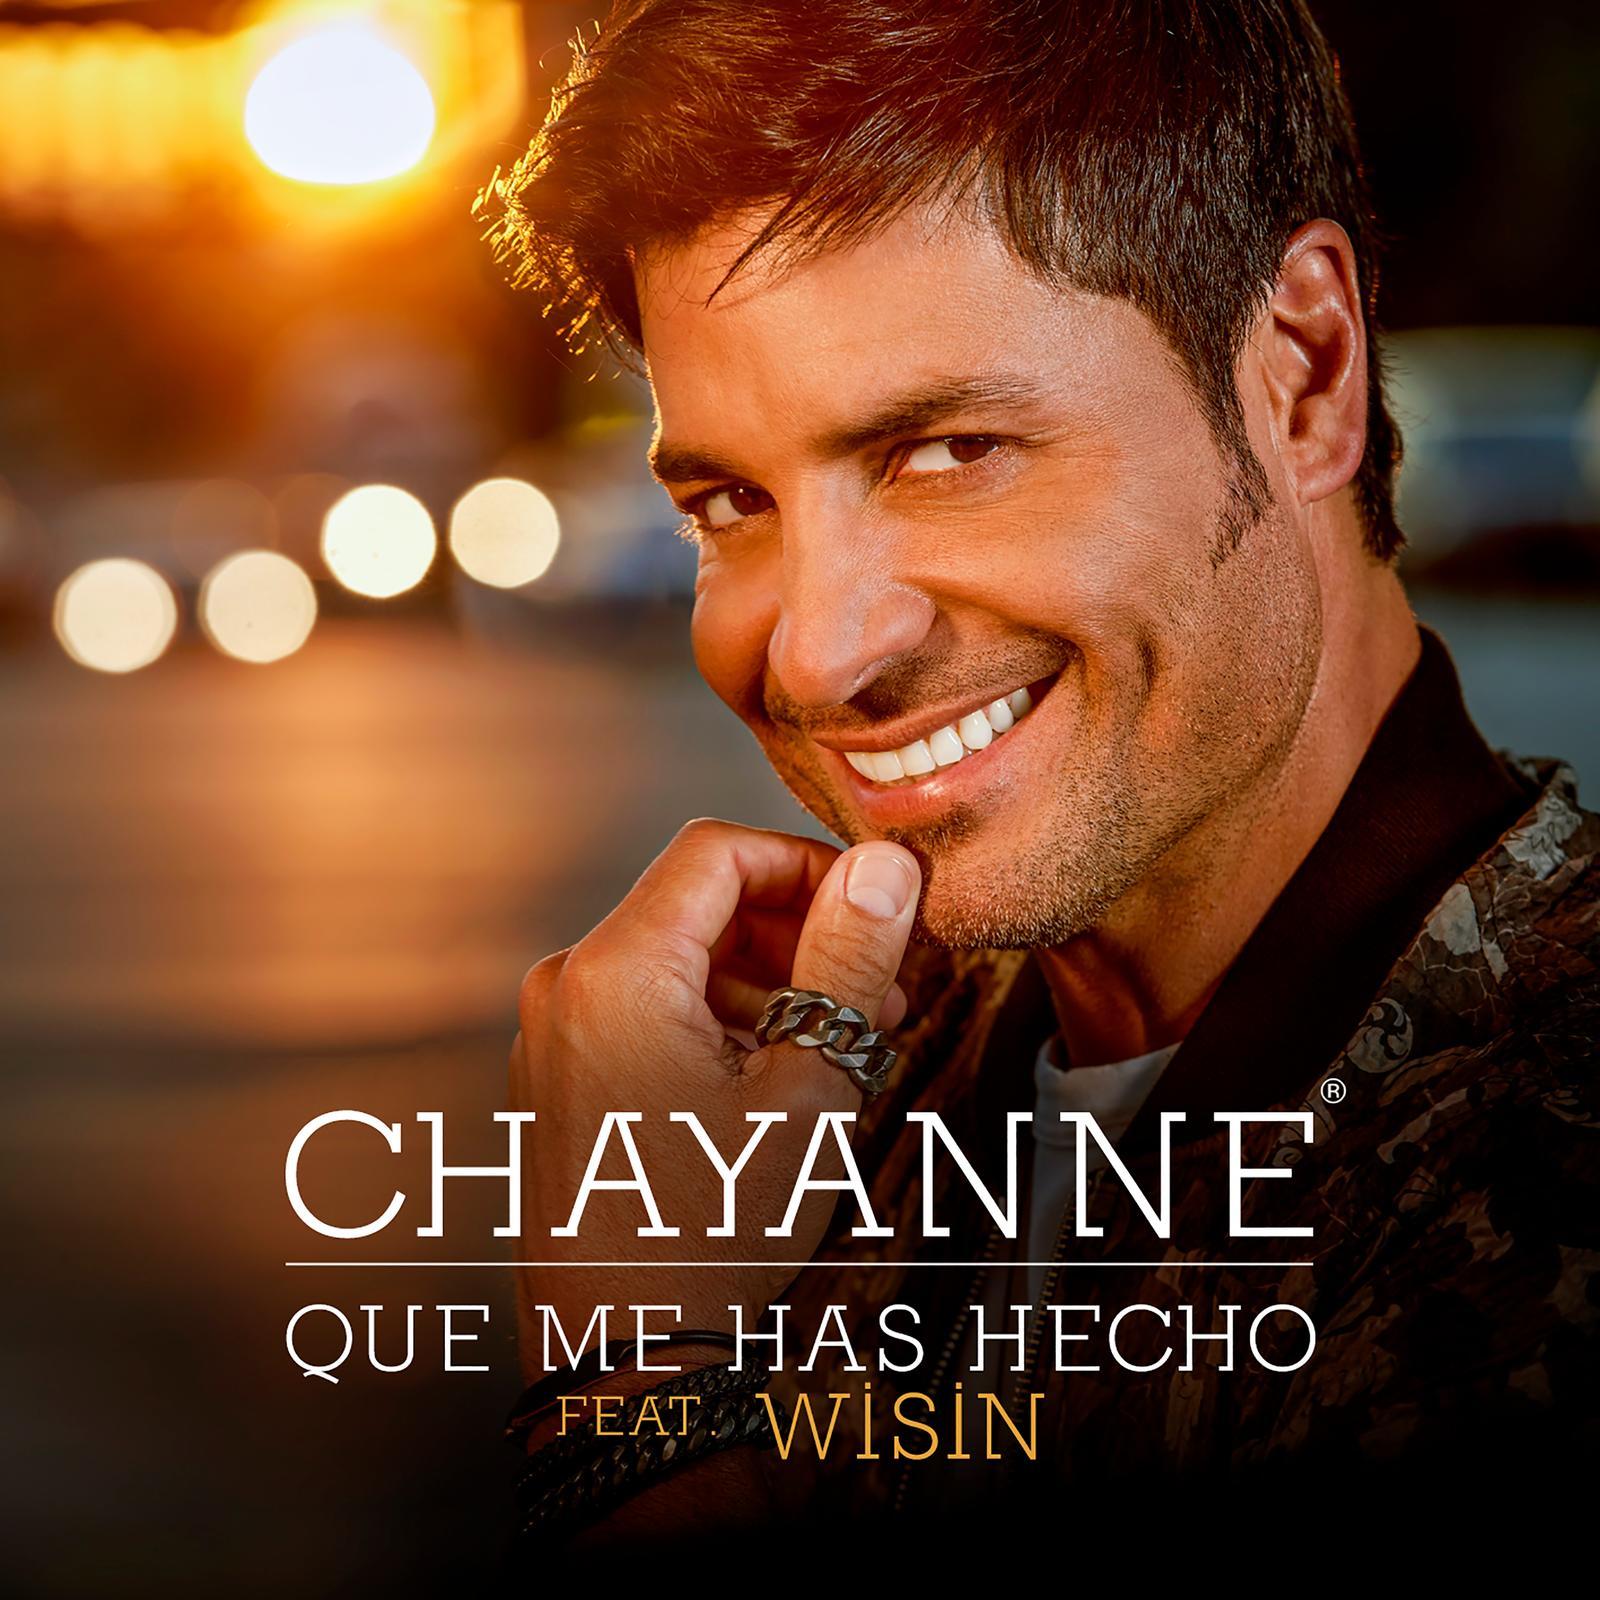 """""""¿Qué me has hecho?"""", la nueva canción de Chayanne"""